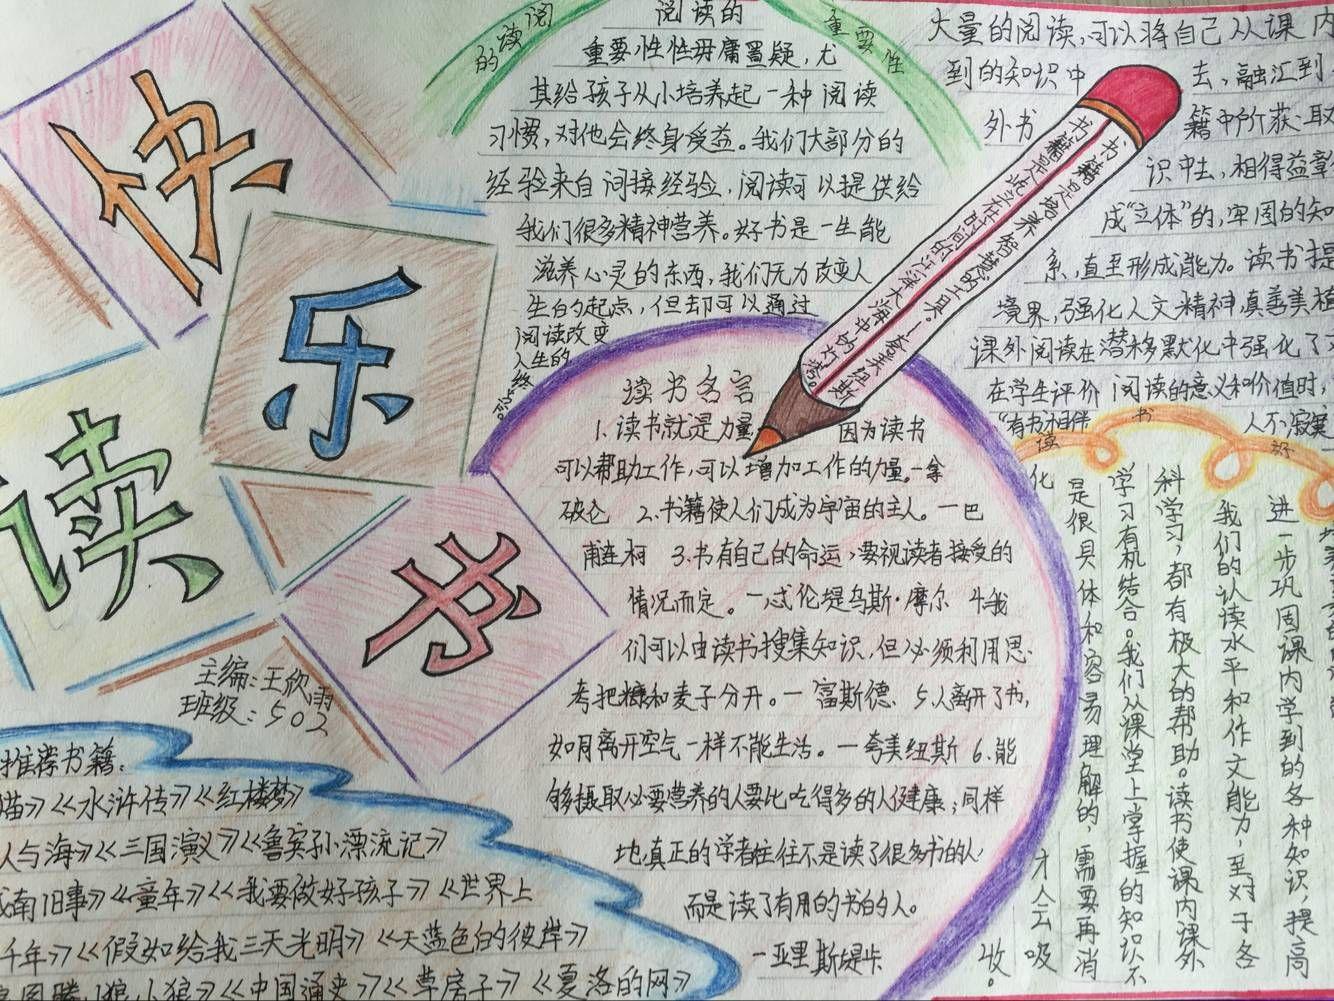 小学生手抄简单又漂亮读书笔记_小学生手抄简单又漂亮图片